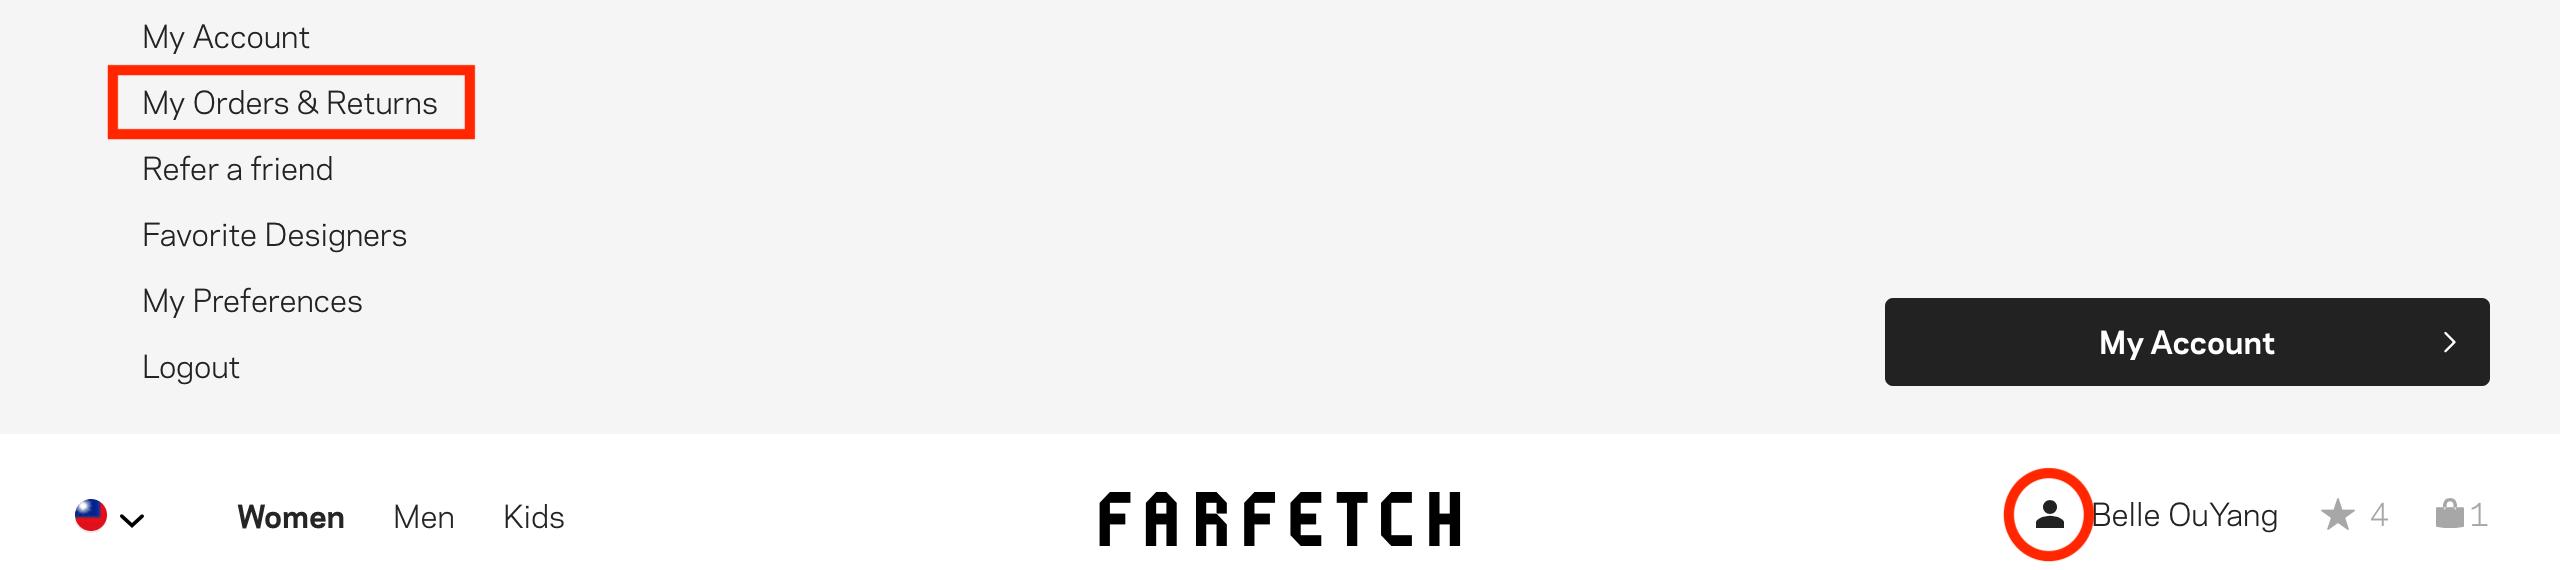 2019 farfetch 網購教學退貨